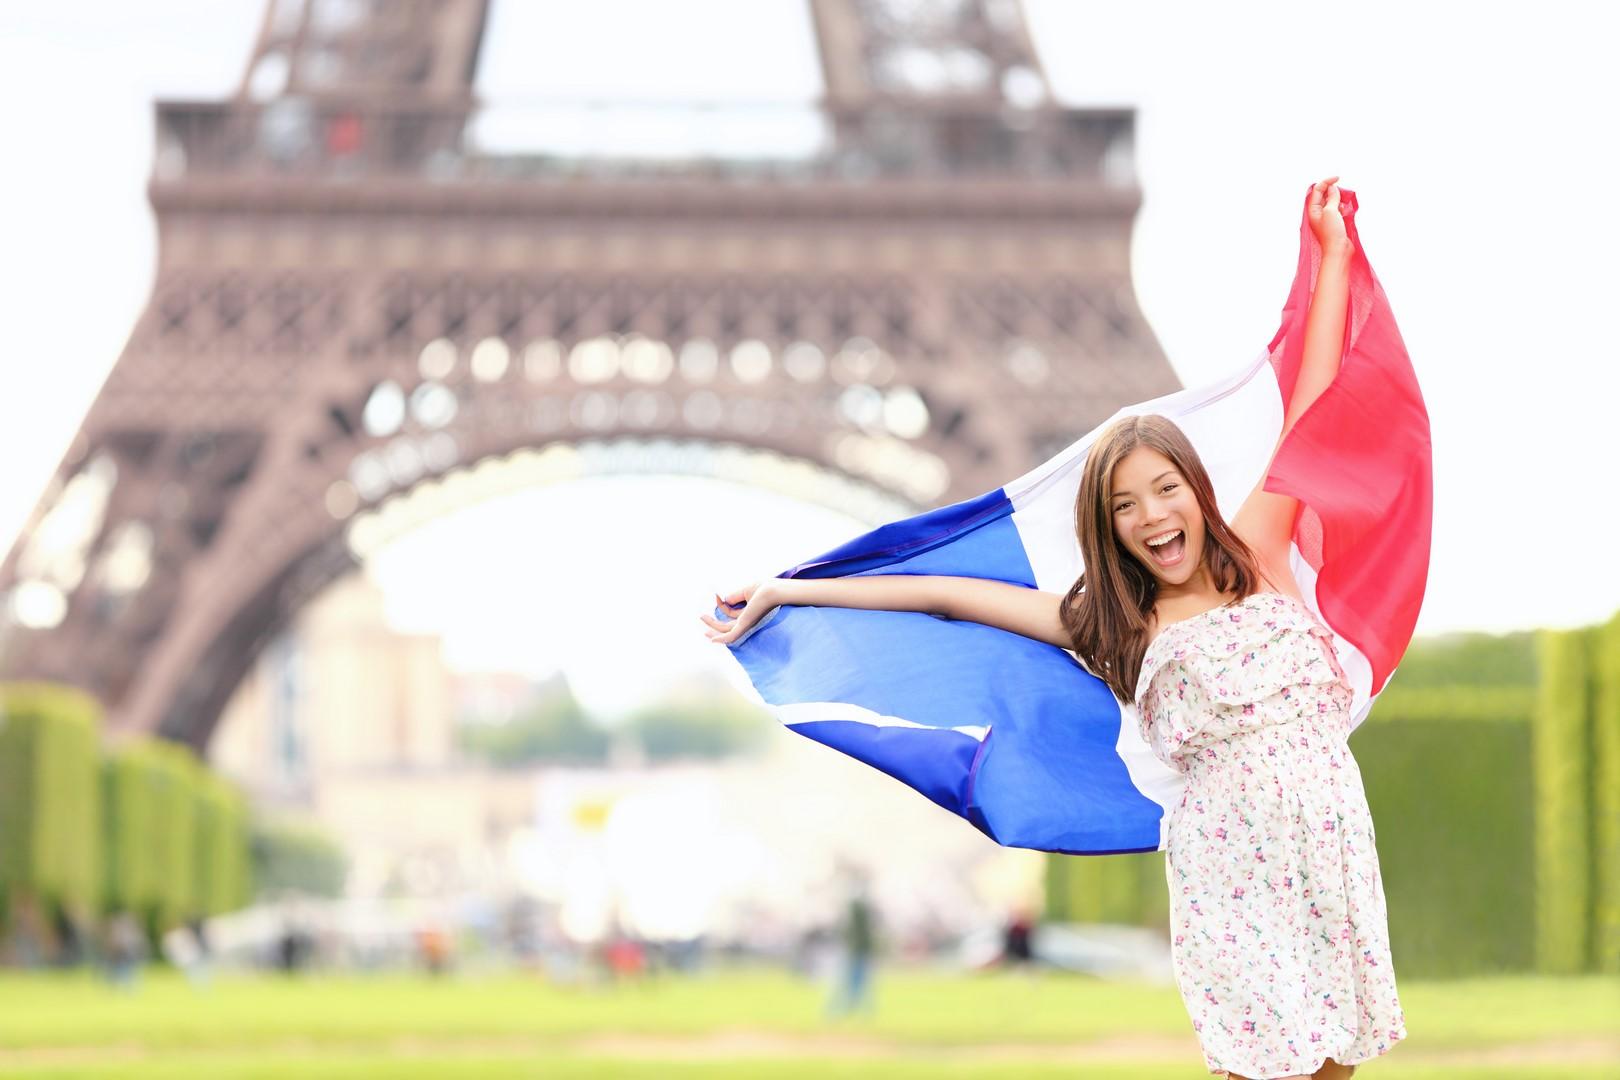 newcomers-cours-francais-copier